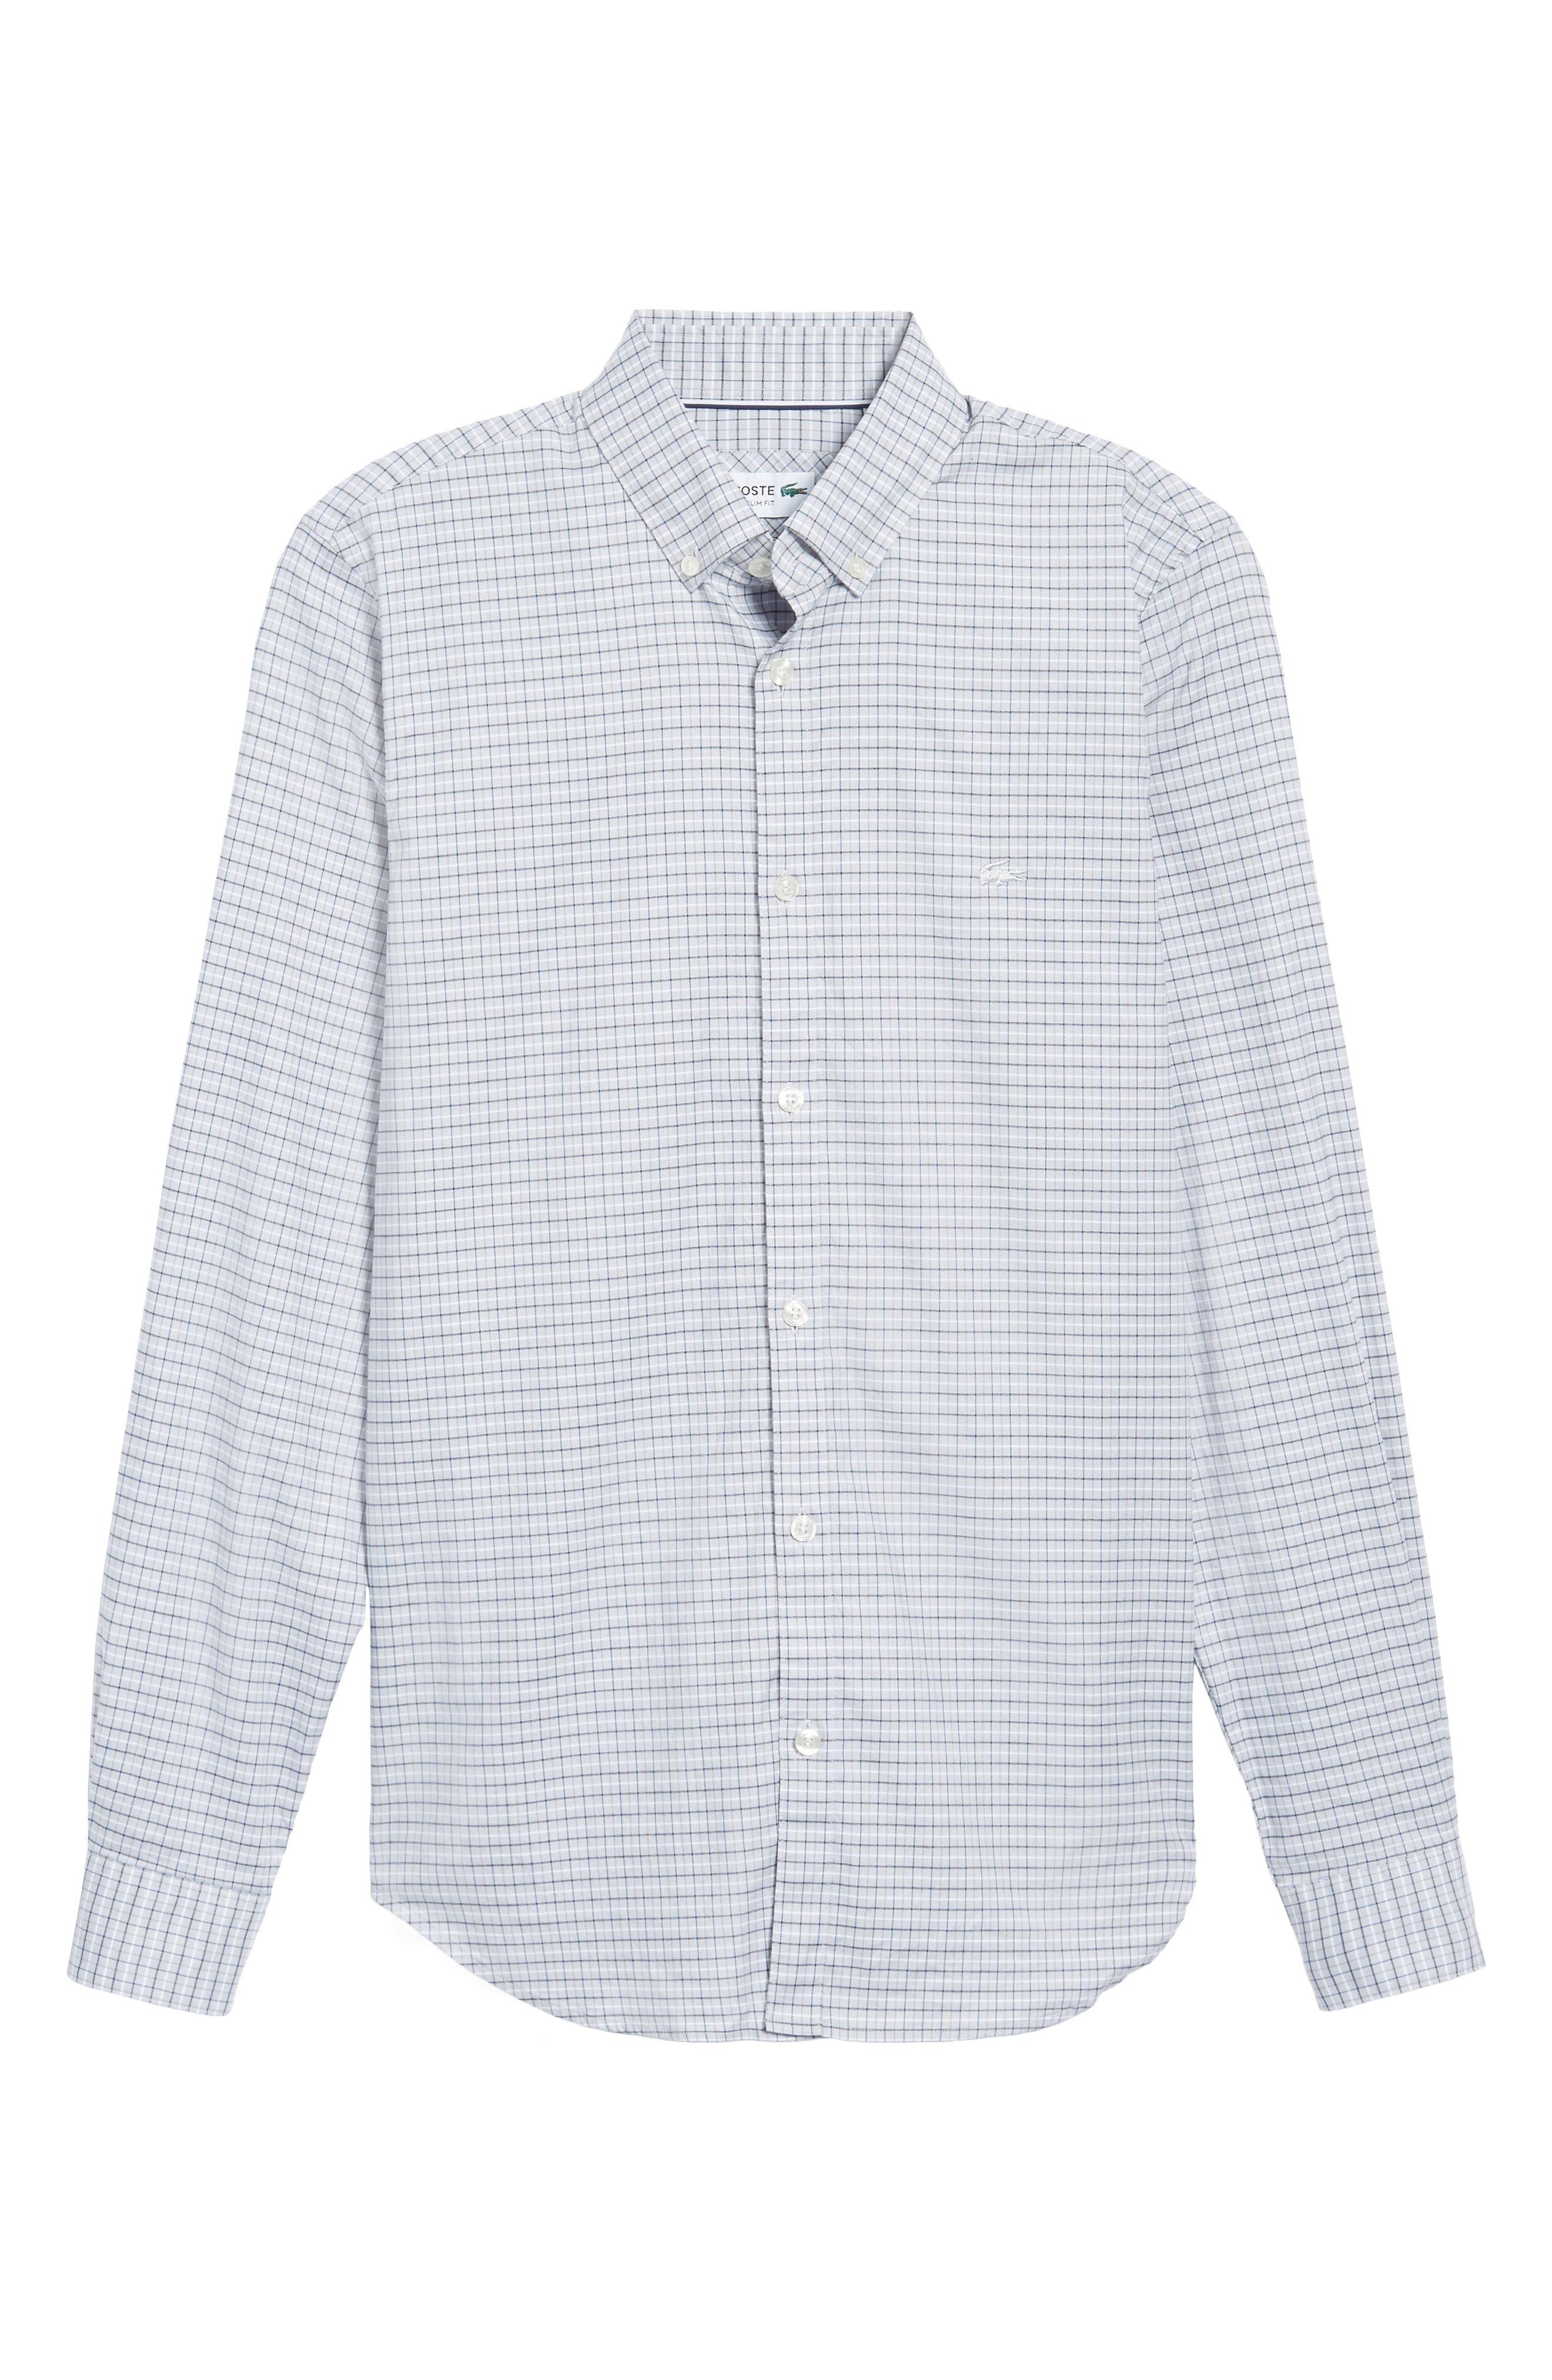 LACOSTE, Slim Fit Plaid Shirt, Alternate thumbnail 6, color, 061